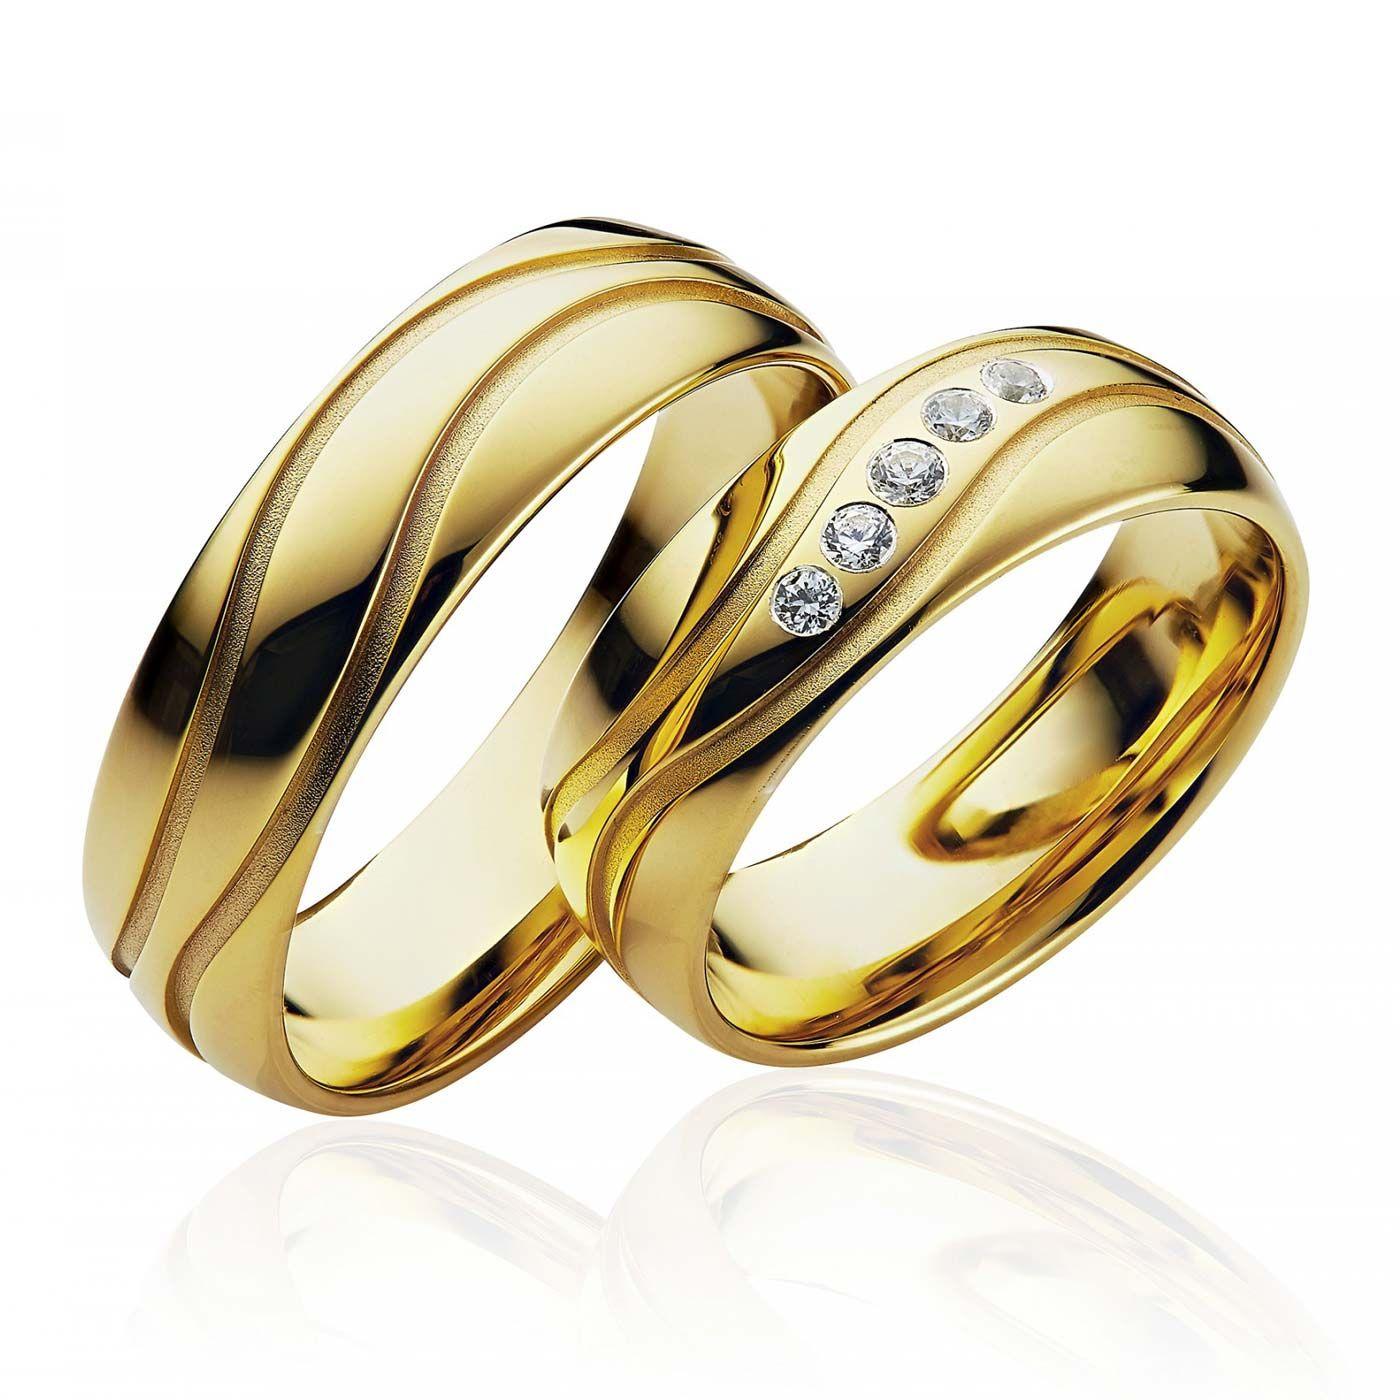 Gunstige Eheringe Gold Ein Wunderschones Ringpaar Fur Eure Trauung Gunstige Eheringe Trauringe Coole Trauringe